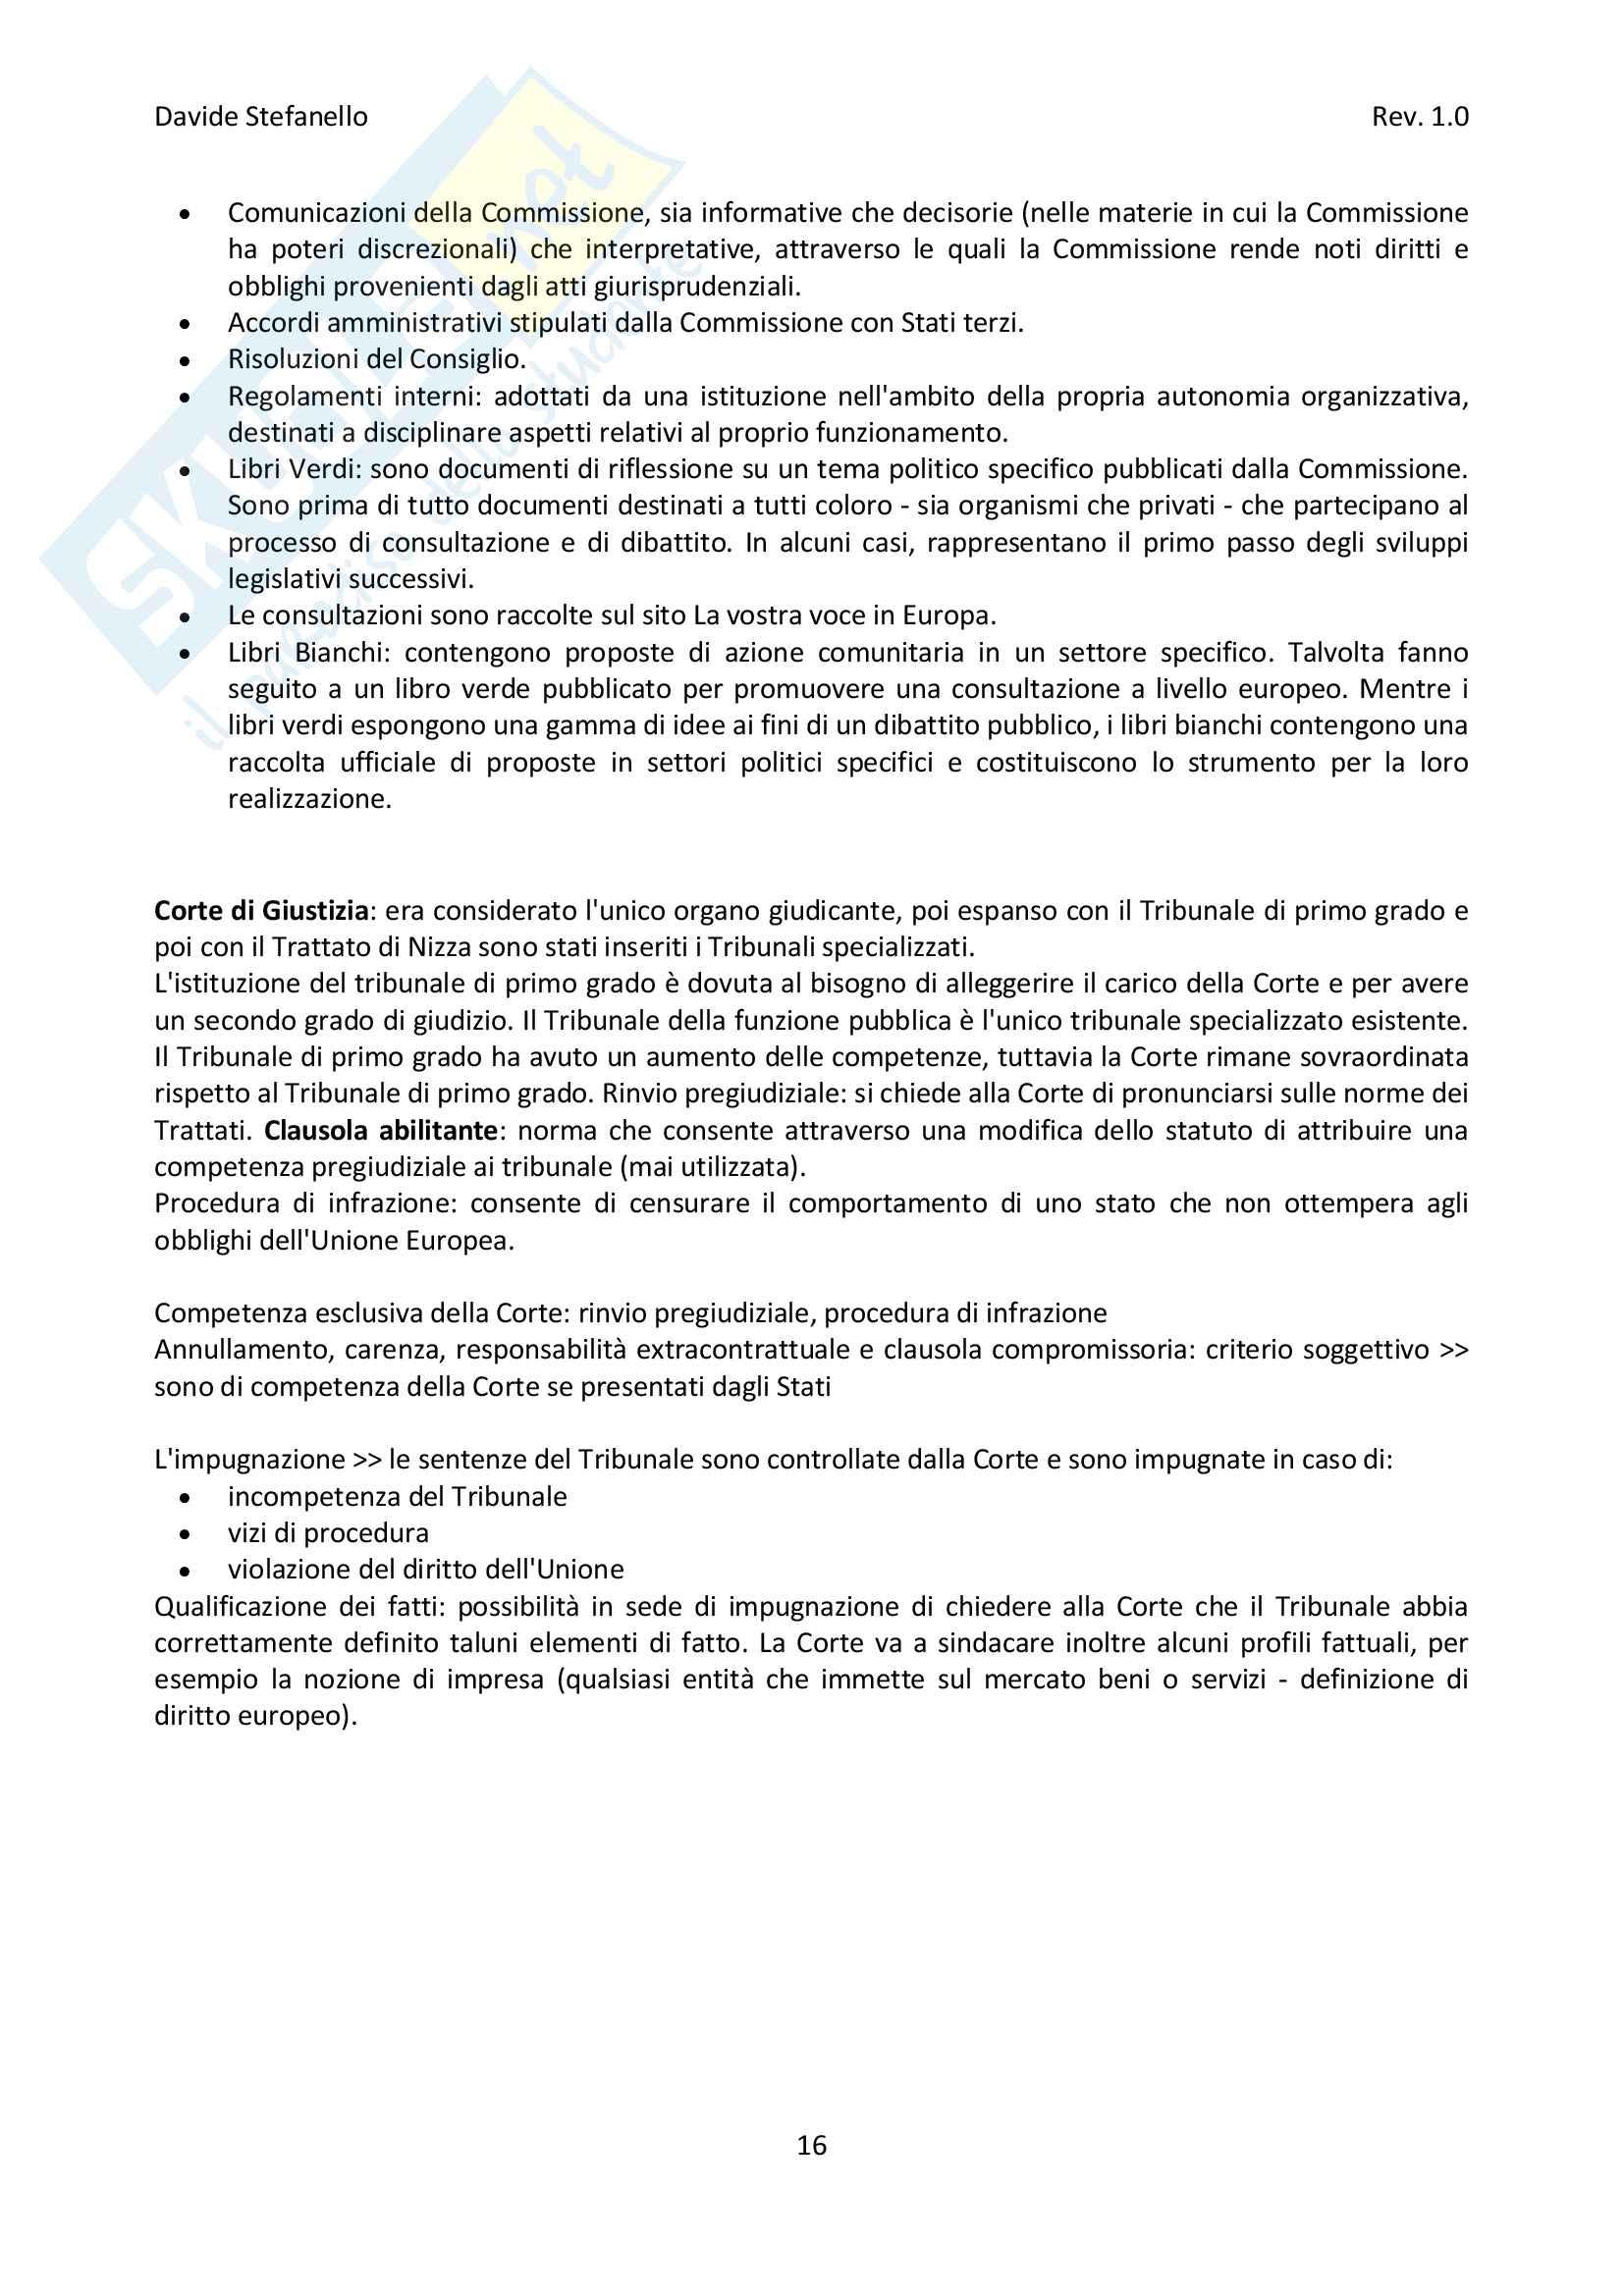 Appunti Diritto dell'Unione Europea Pag. 16